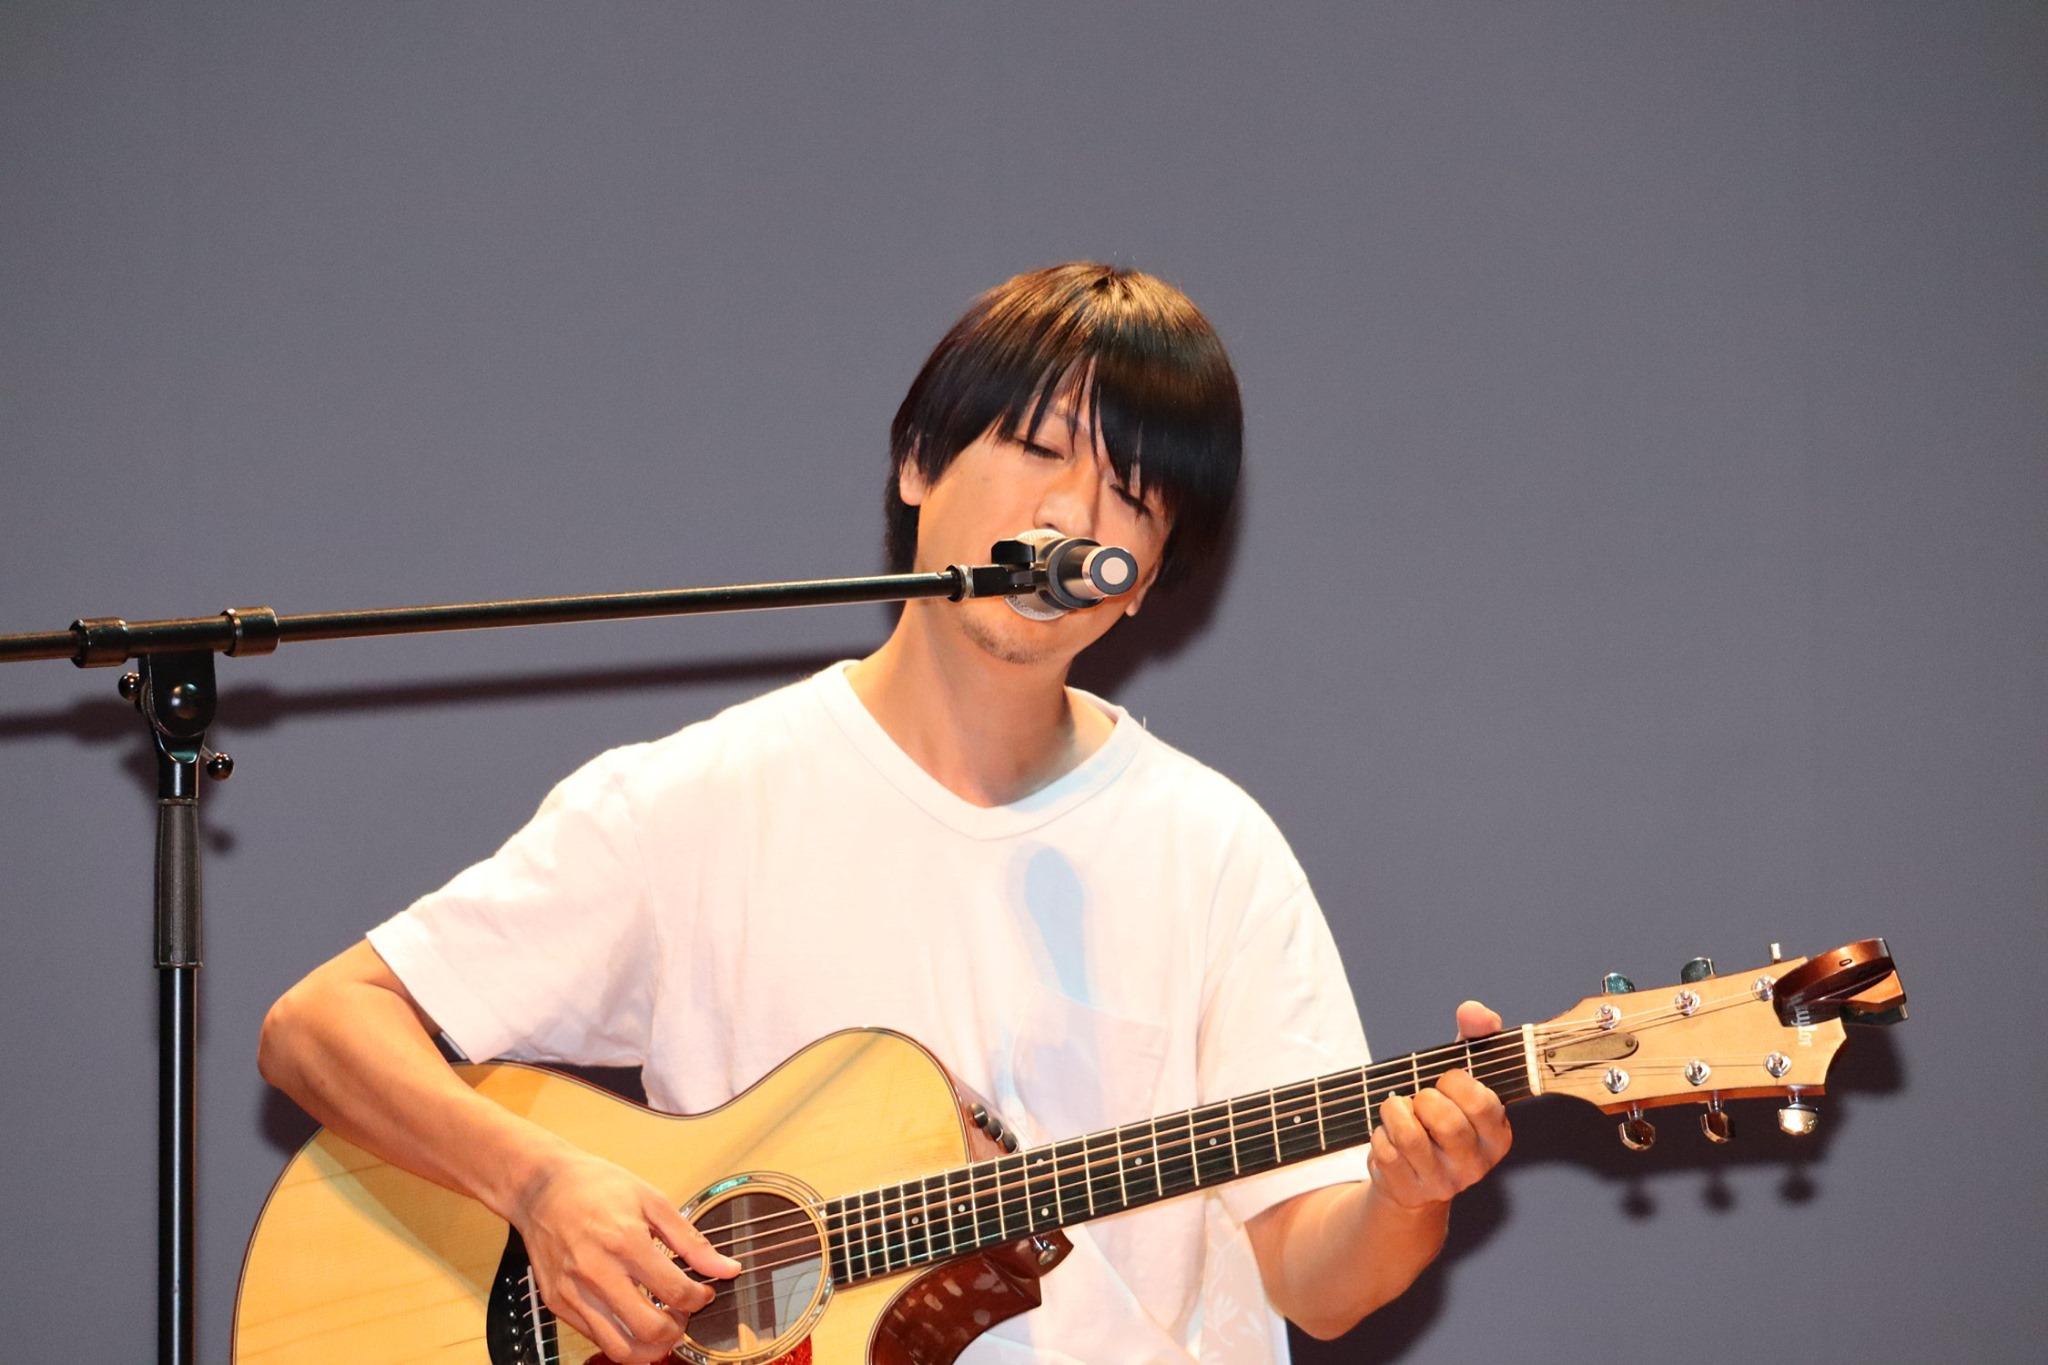 岩瀬敬吾さん(元19)のライブ